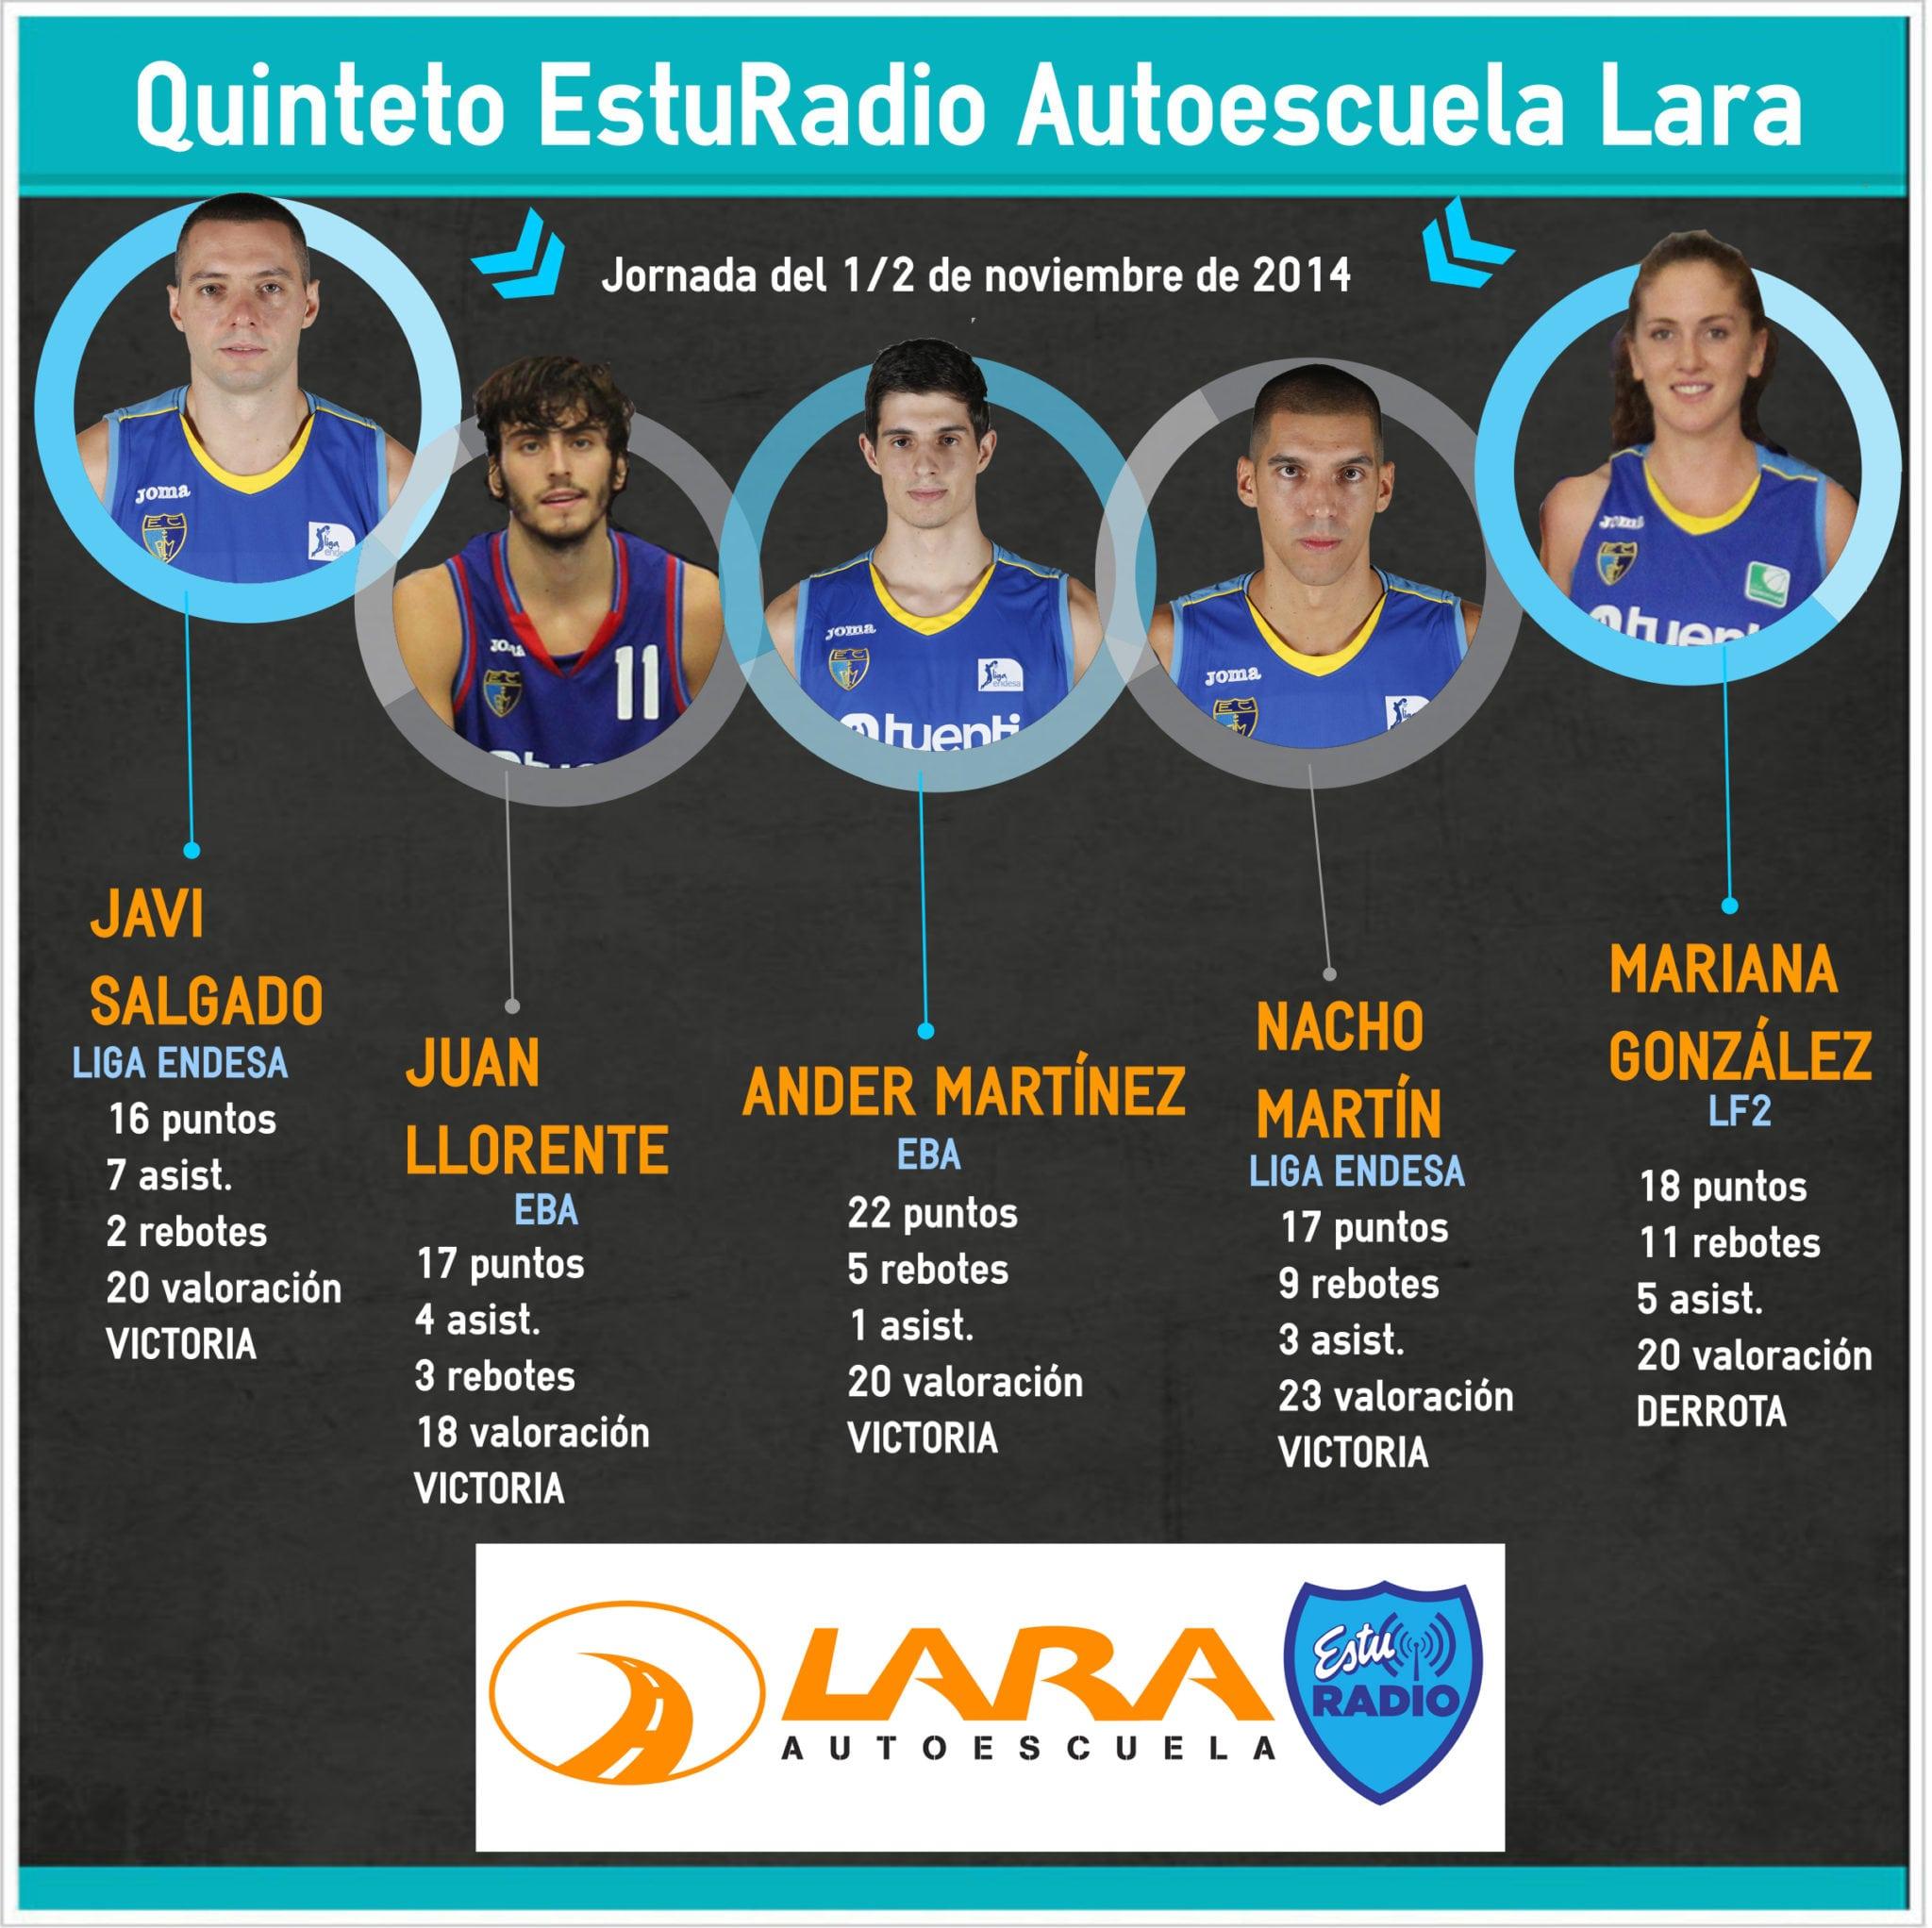 Quinteto Autoescuela Lara 1/2 nov: Salgado, Llorente, Martínez, Martín y González